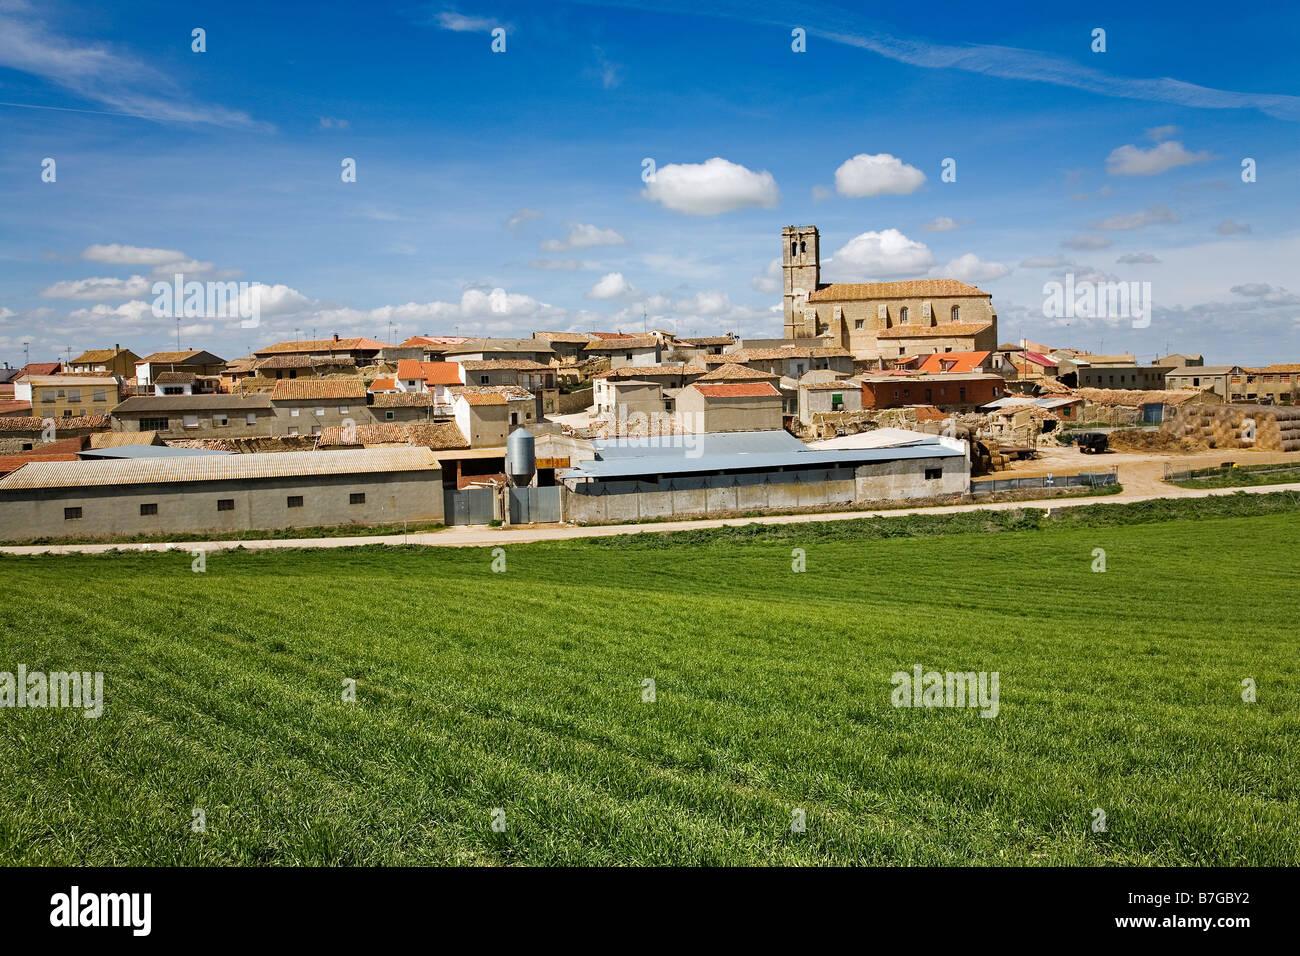 Valdenebro de los Valles Valladolid Castilla Leon España Valdenebro de los Valles Valladolid Castilla Leon - Stock Image